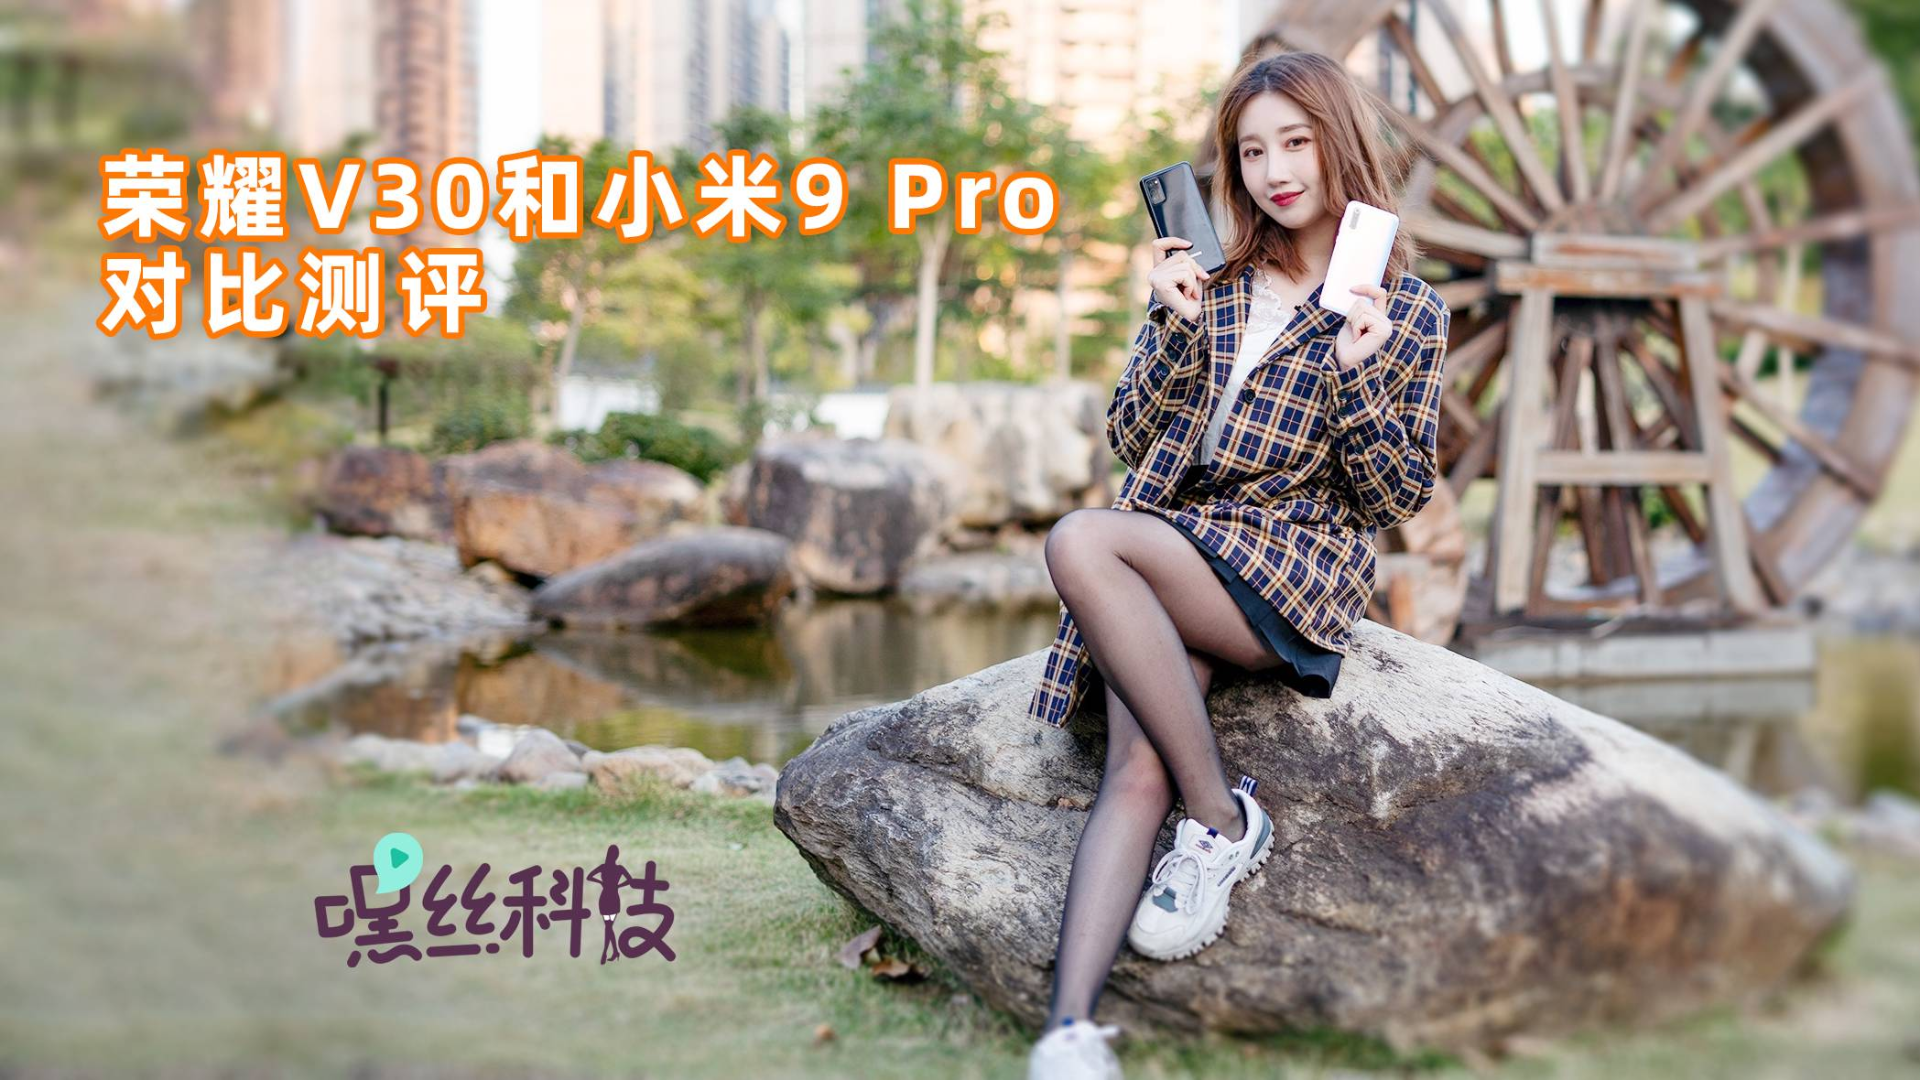 美女对比测评荣耀V30和小米9 Pro,两部旗舰5G手机各有什么优势?